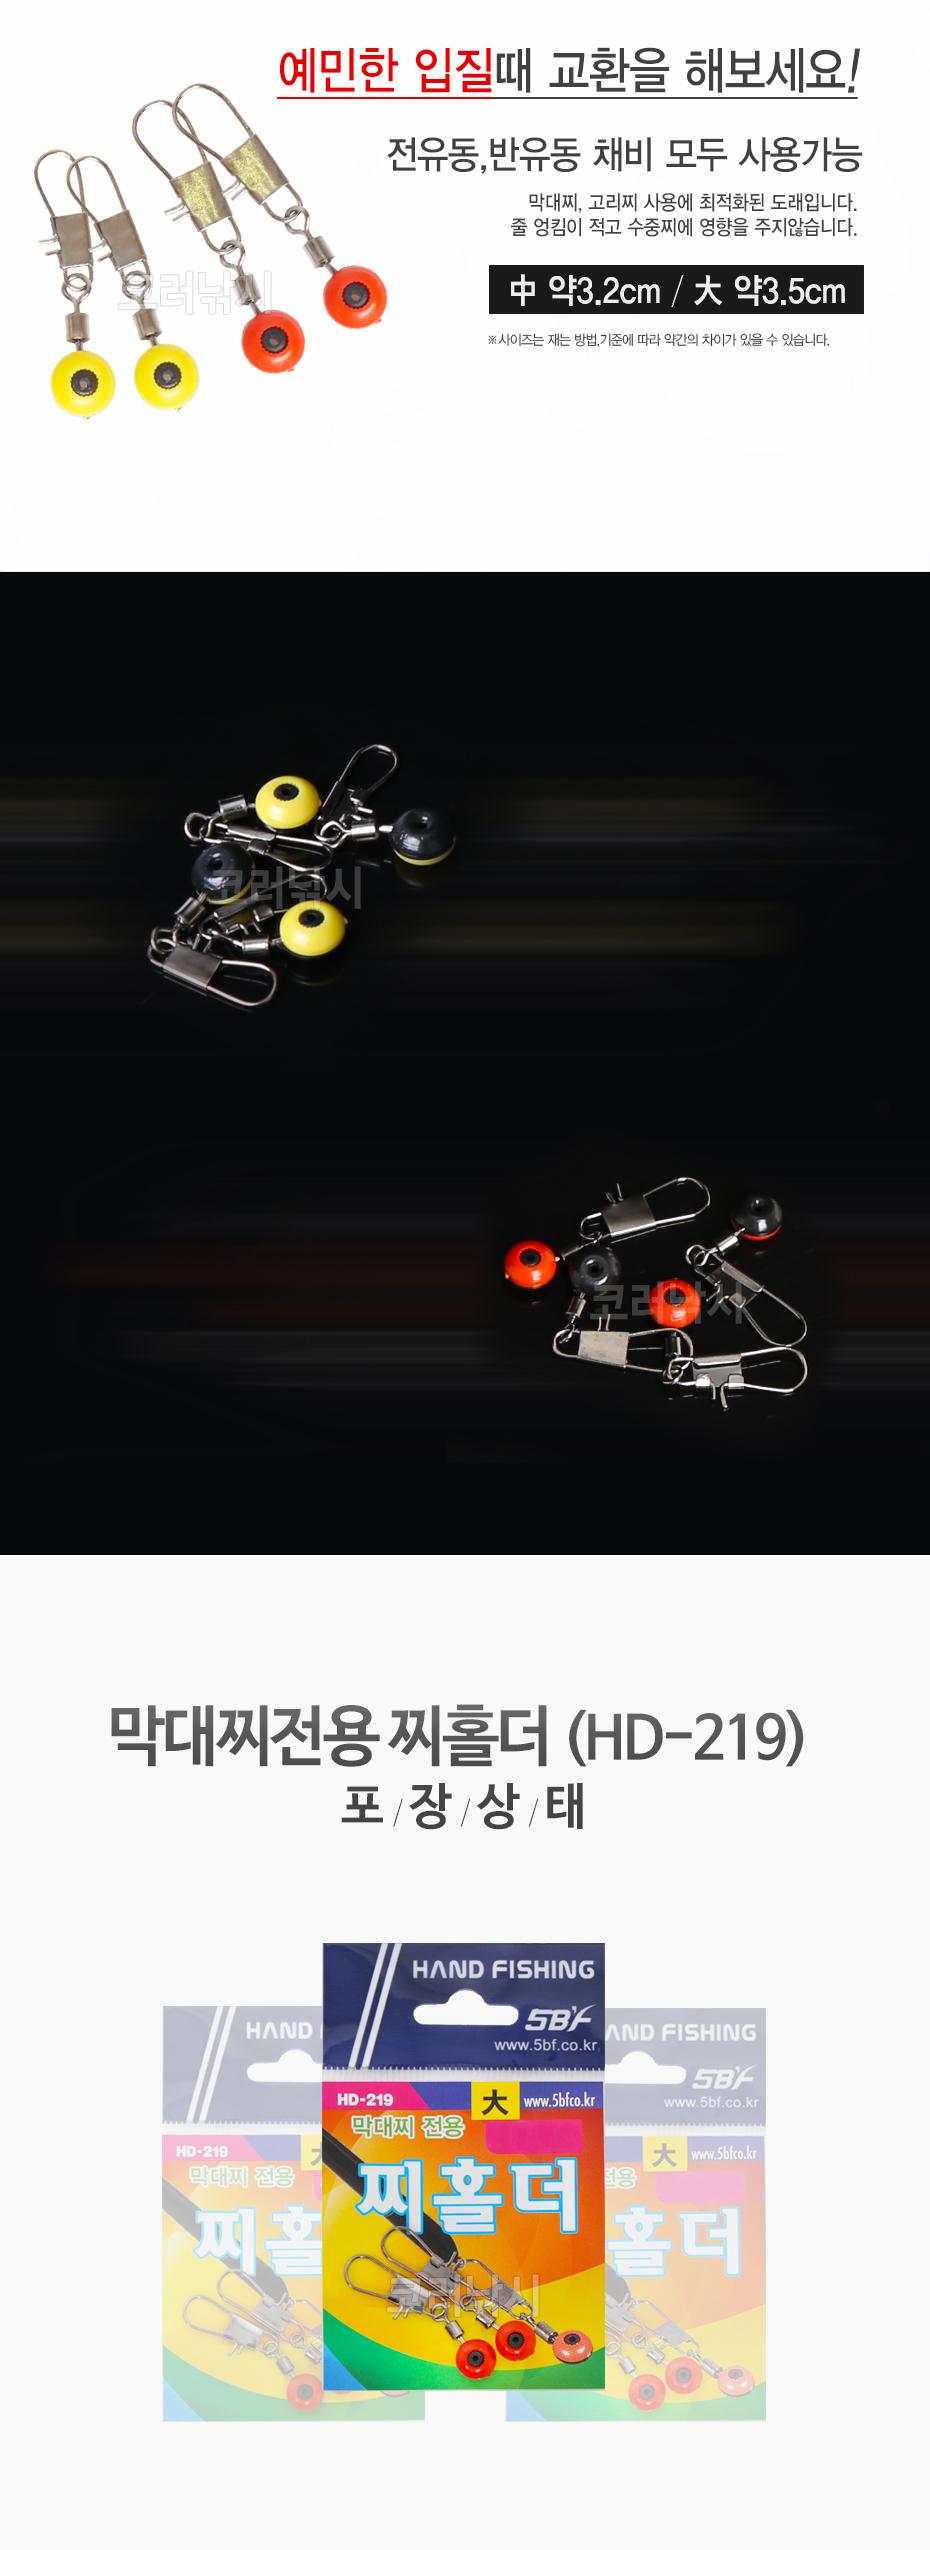 핸드피싱 막대찌전용 찌홀더 (HD-219) 막대찌홀더 바다막대찌 바다막대찌홀더 막대찌고리 막대찌도래